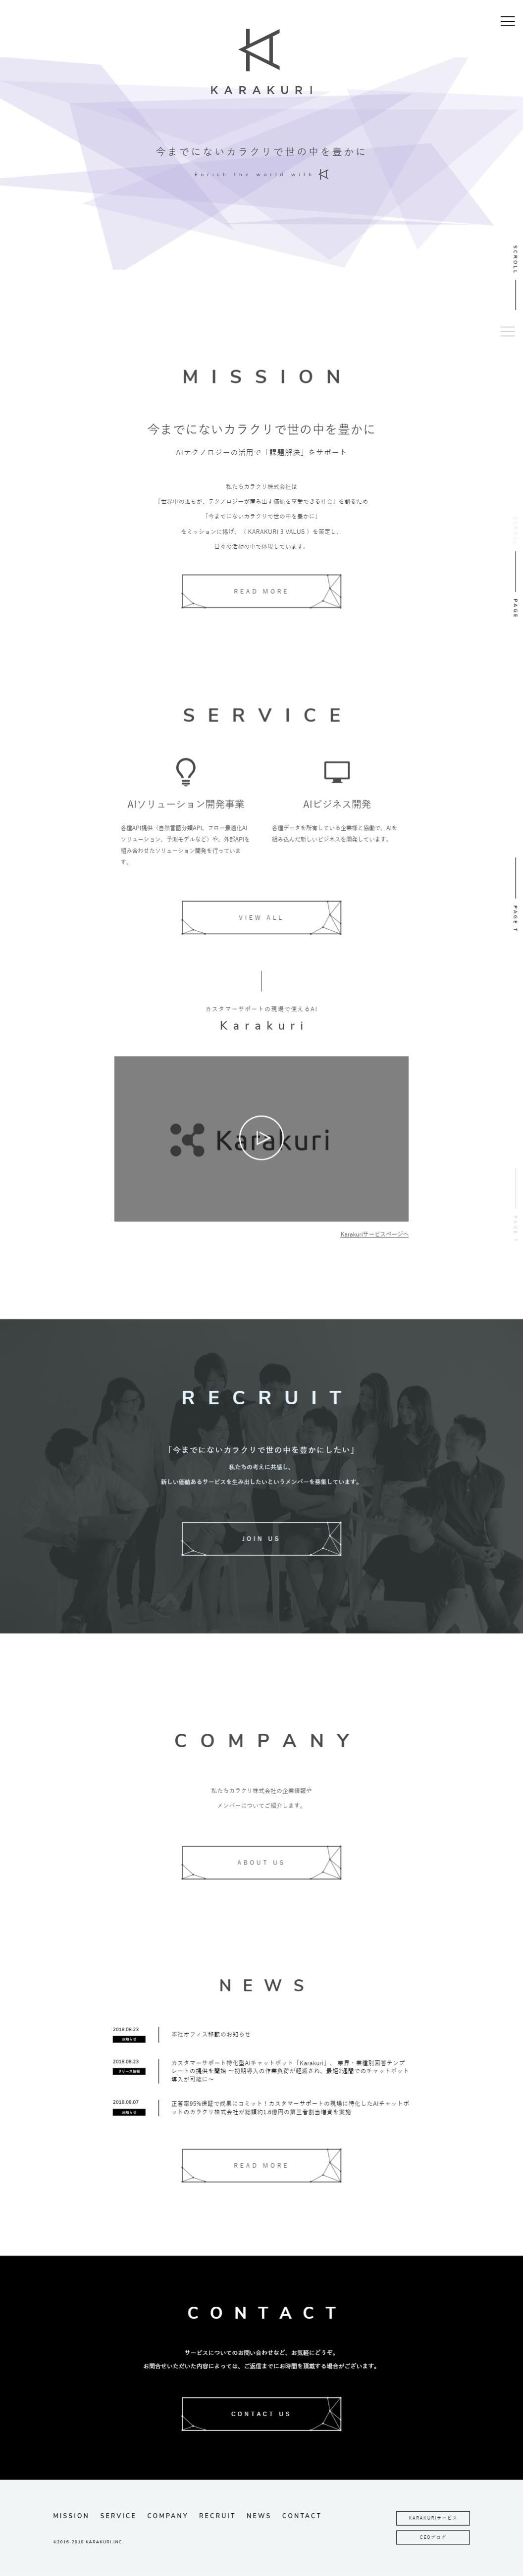 カラクリ株式会社PC版イメージ